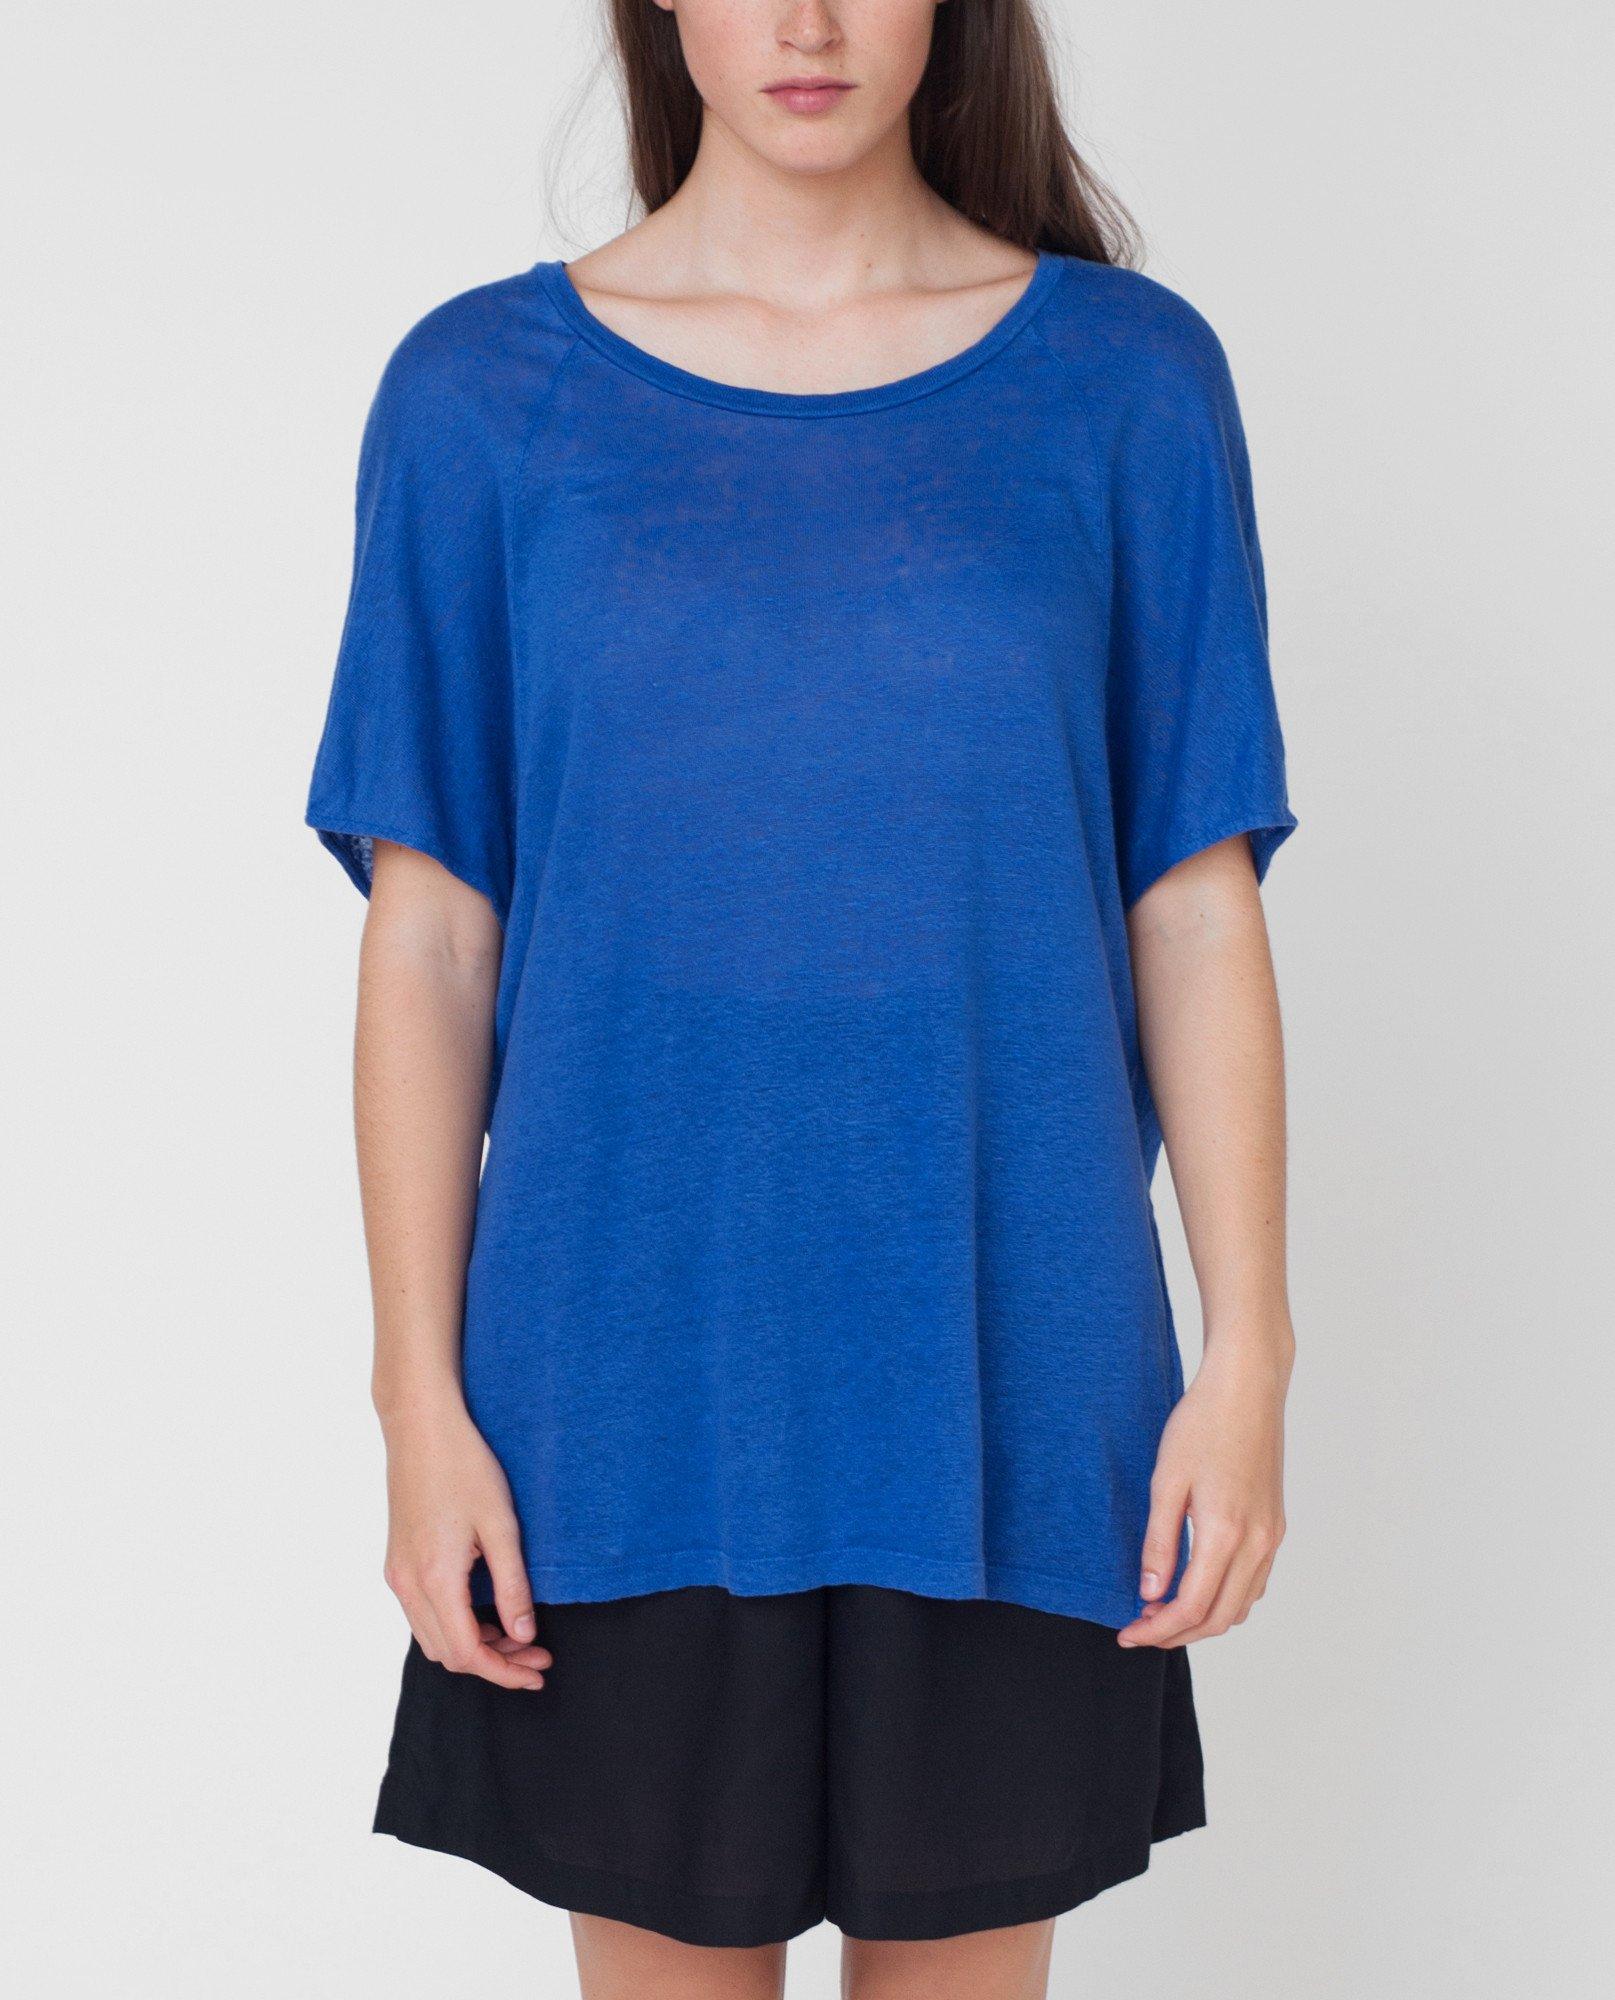 BEC Linen Jersey Tshirt from Beaumont Organic